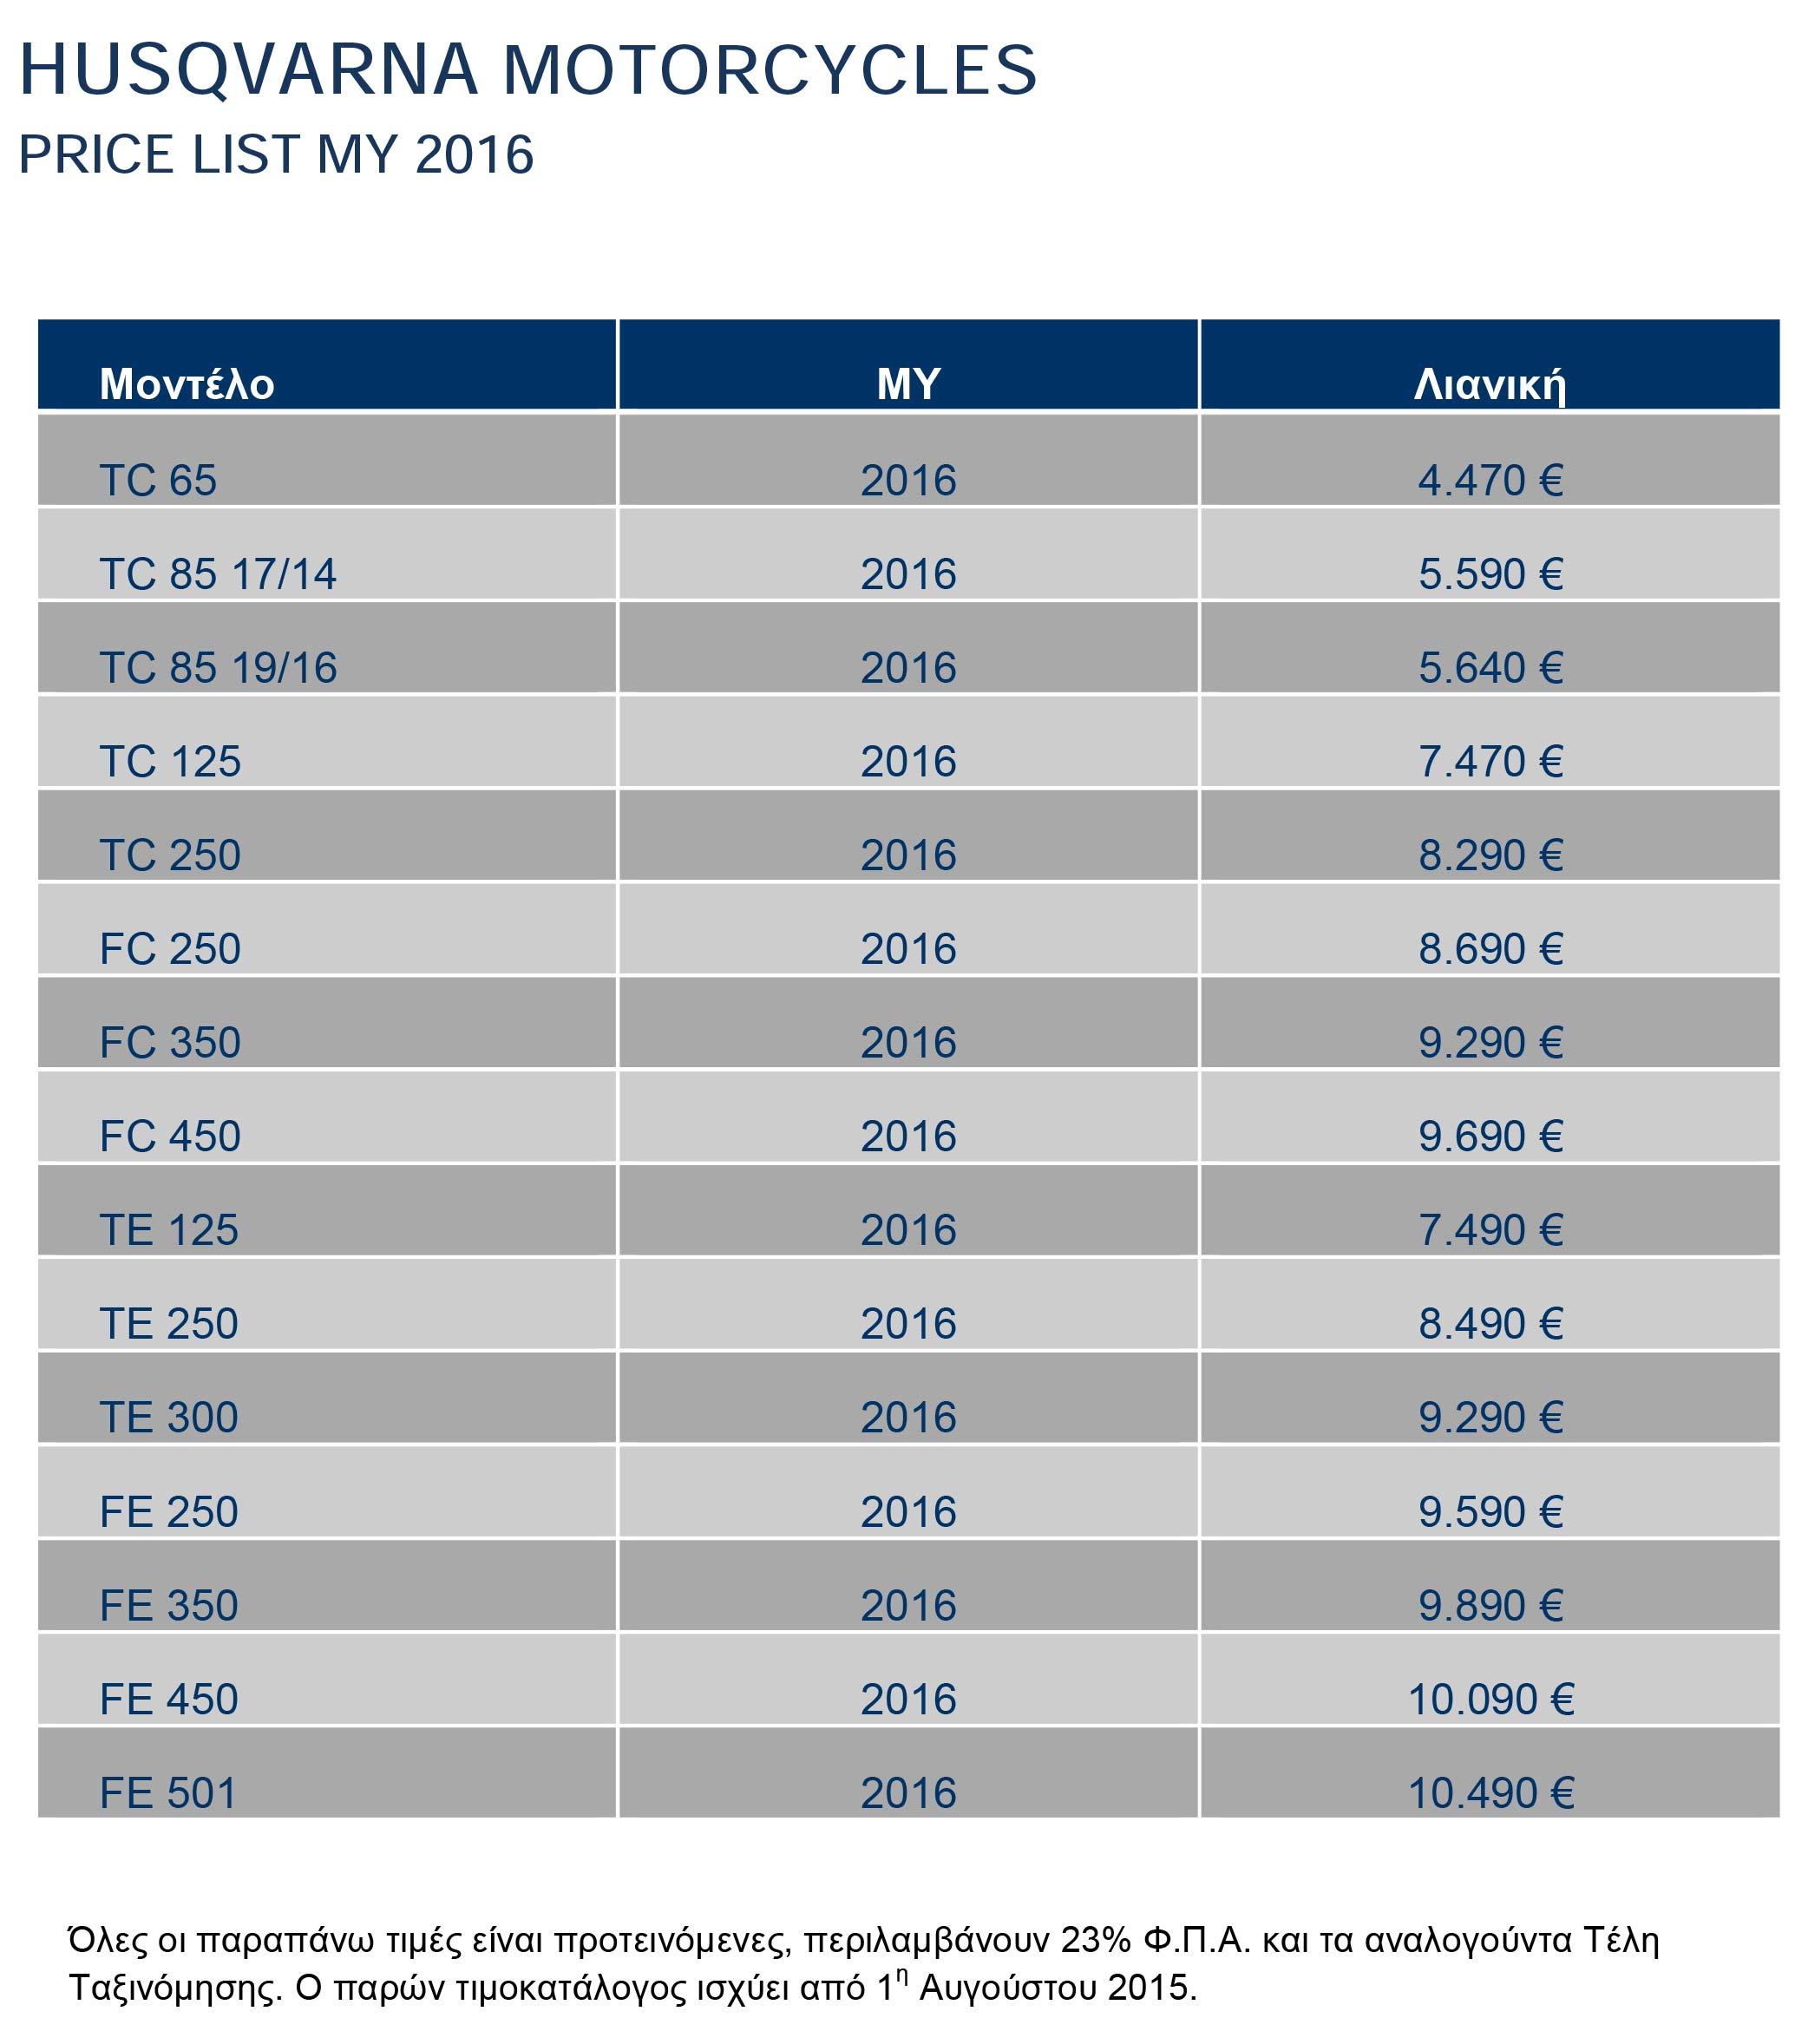 HSQ_Motorcycles_Retail-Pricelist_2016